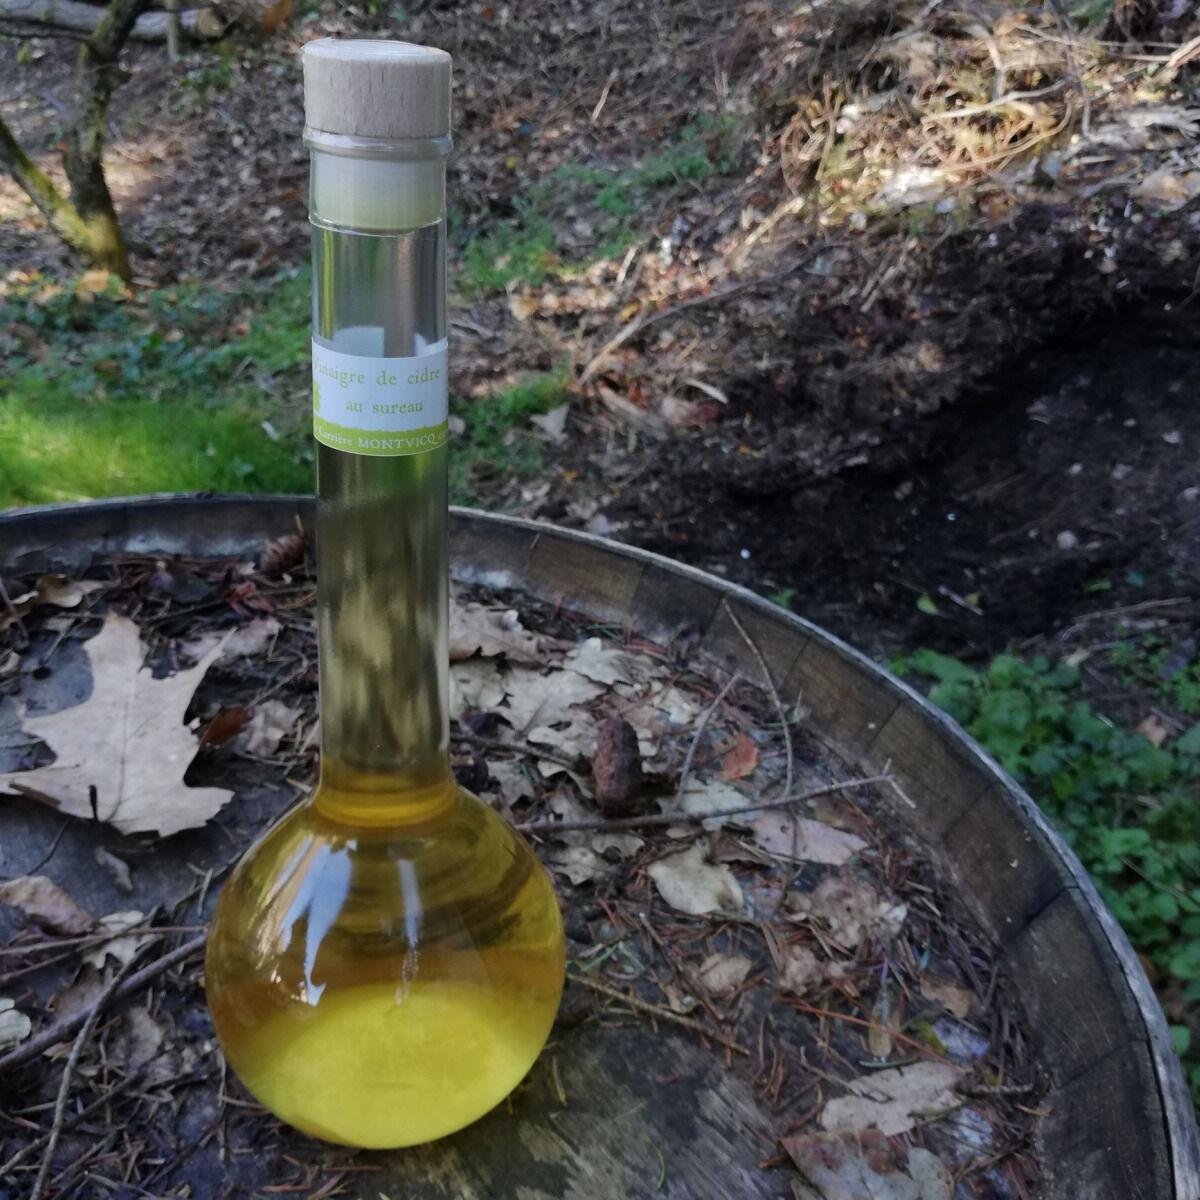 Vinaigres de la Carrière Vinaigre de Cidre au Sureau bio - 500 ml